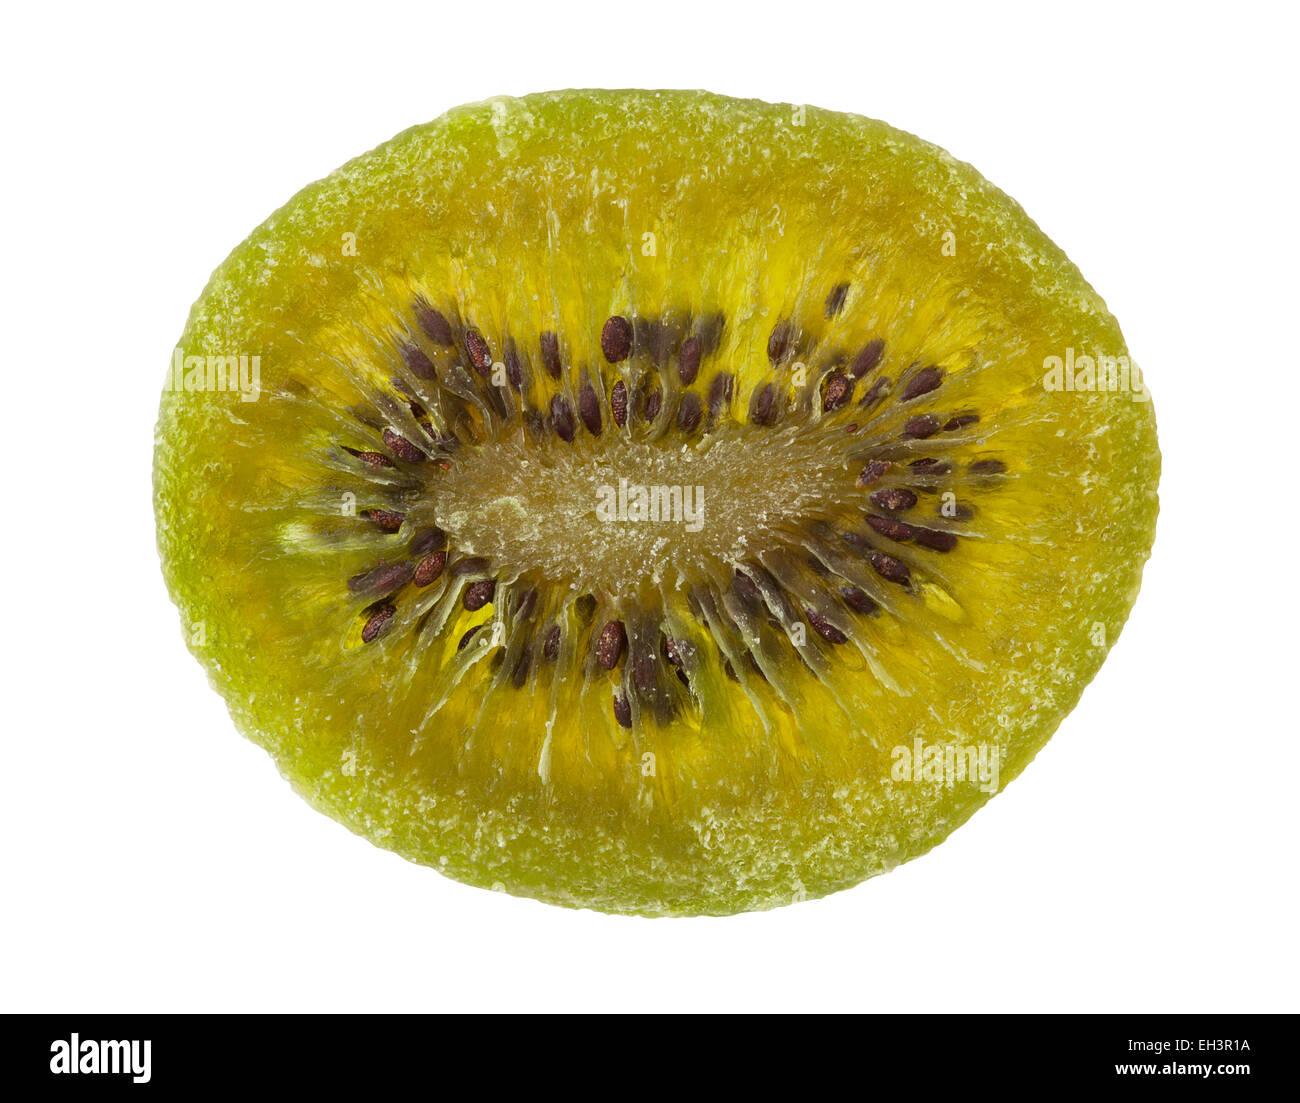 dried kiwi isolated - Stock Image